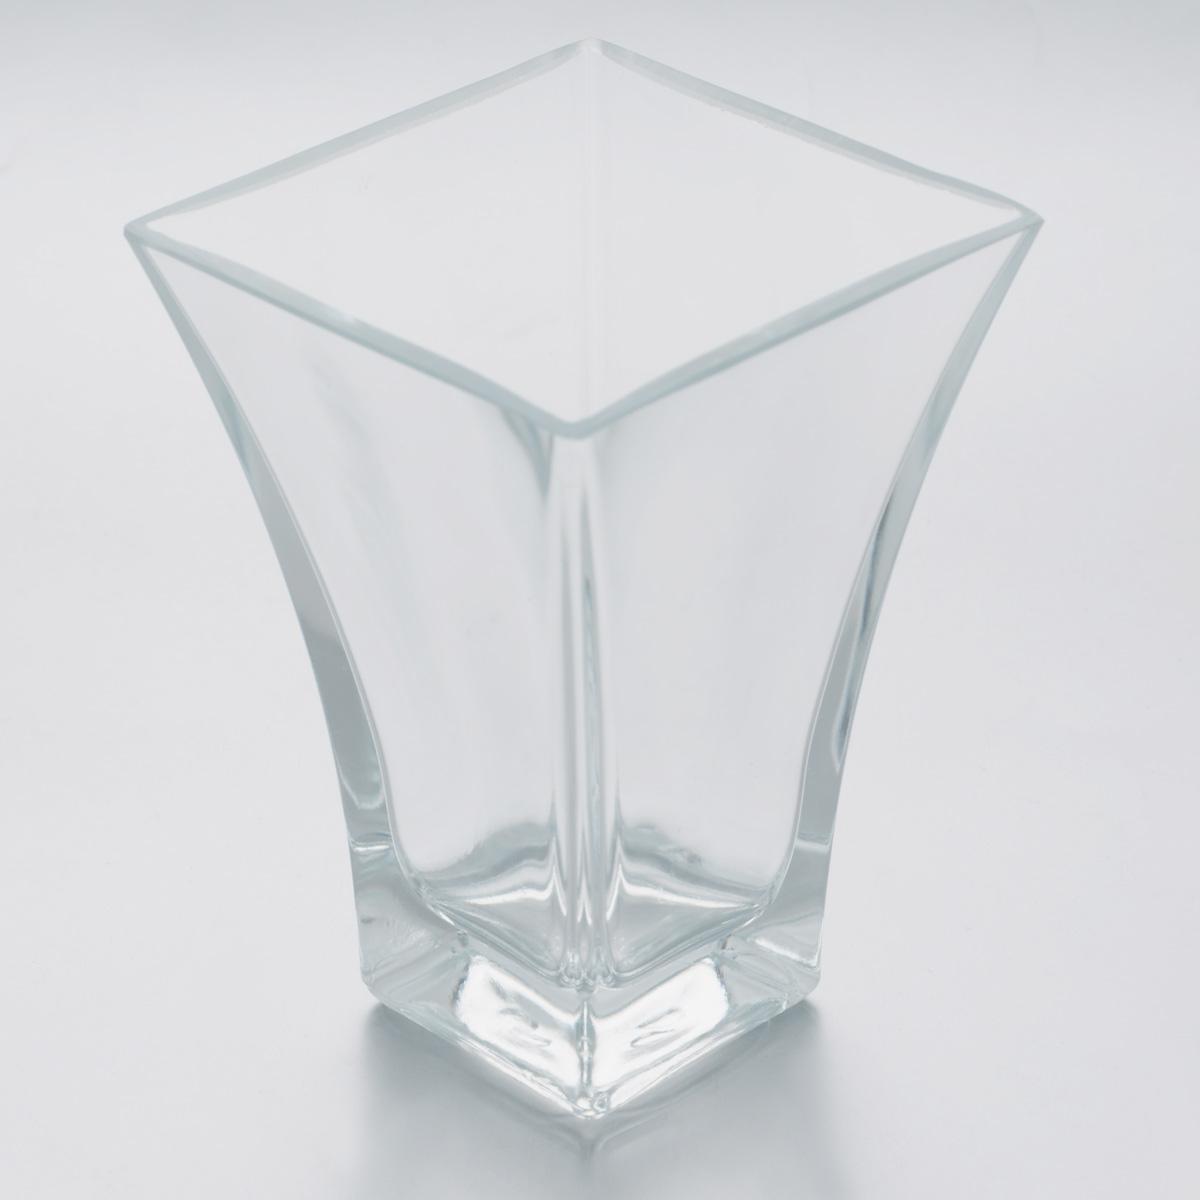 Ваза Pasabahce Botanica, высота 14 см. 80147BFS-80423Ваза Pasabahce Botanica, выполненная из натрий-кальций-силикатного стекла, сочетает в себе изысканный дизайн с максимальной функциональностью. Такая ваза подойдет для декора интерьера. Кроме того - это отличный вариант подарка для ваших близких и друзейМожно мыть в посудомоечной машине. Размер вазы по верхнему краю: 9,5 х 9,5 см.Высота: 14 см.